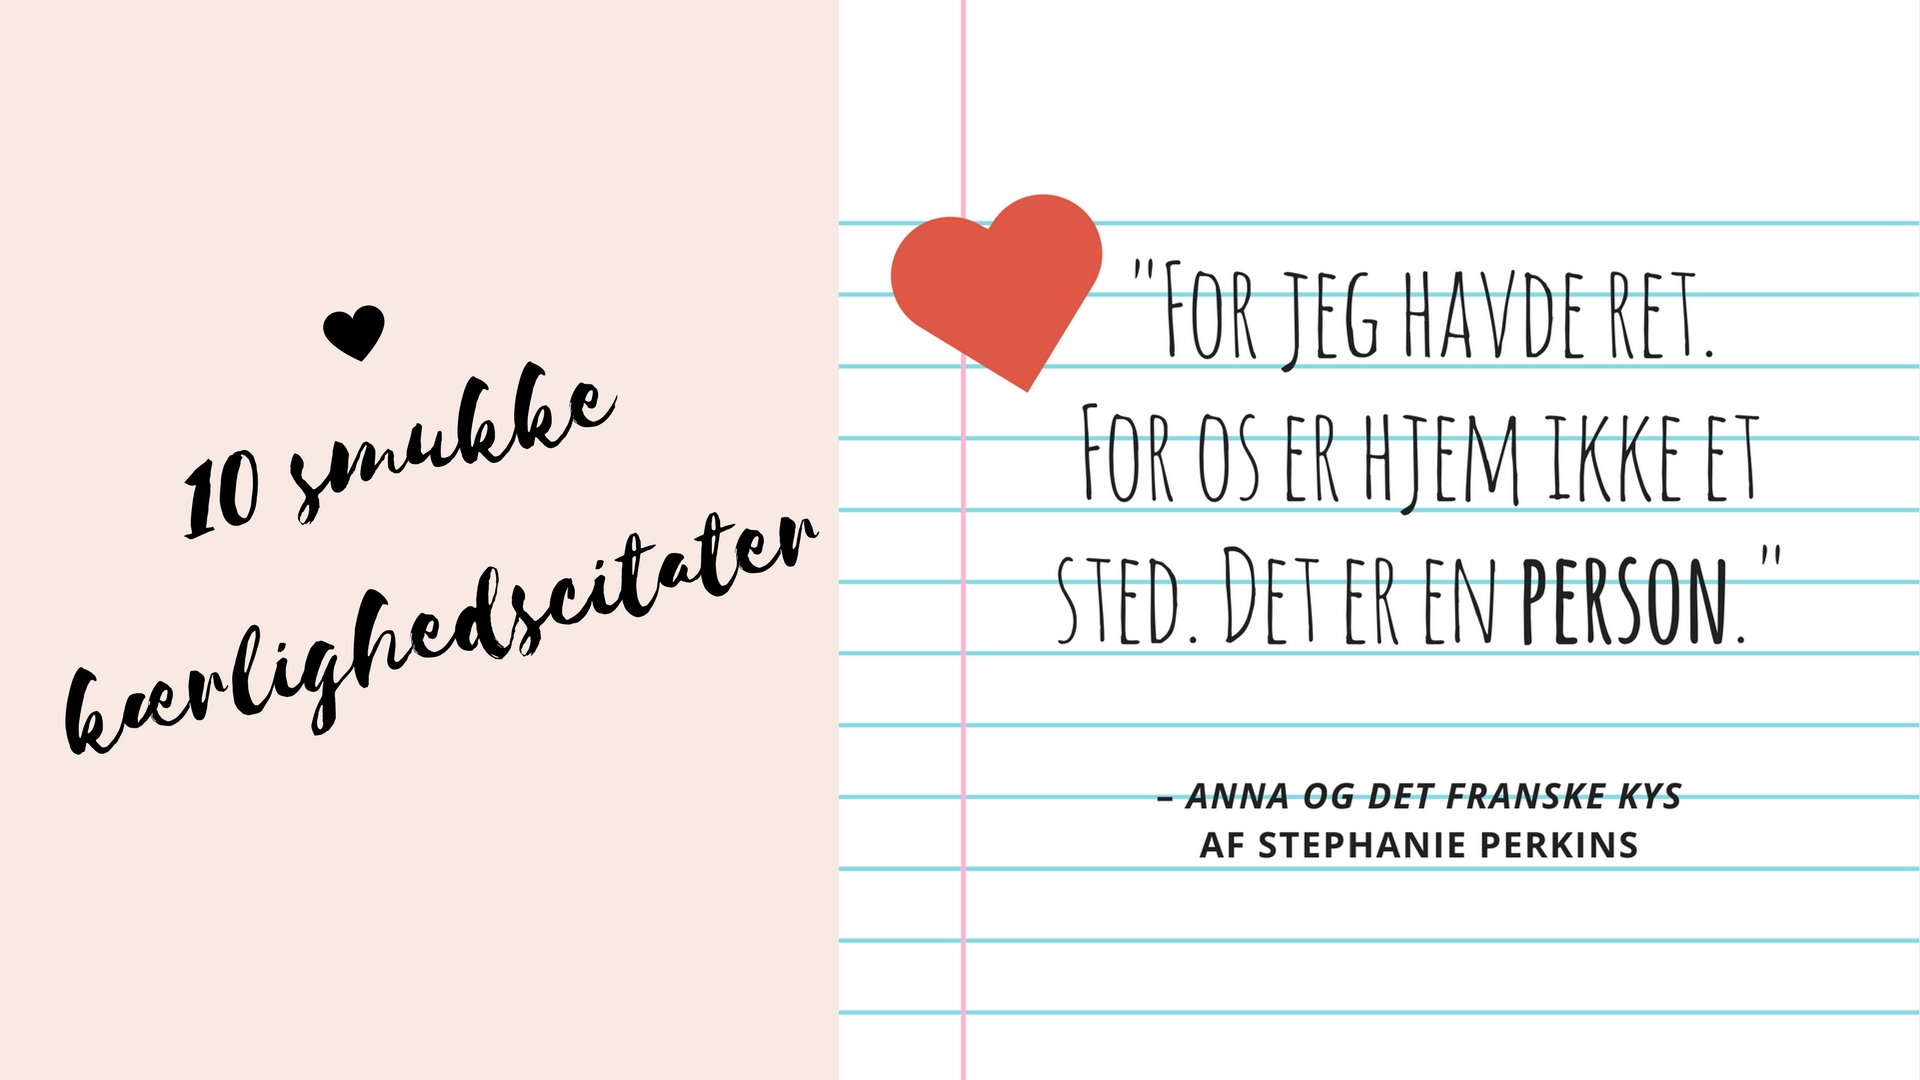 citater om valentinsdag 10 smukke kærlighedscitater   citater om valentinsdag